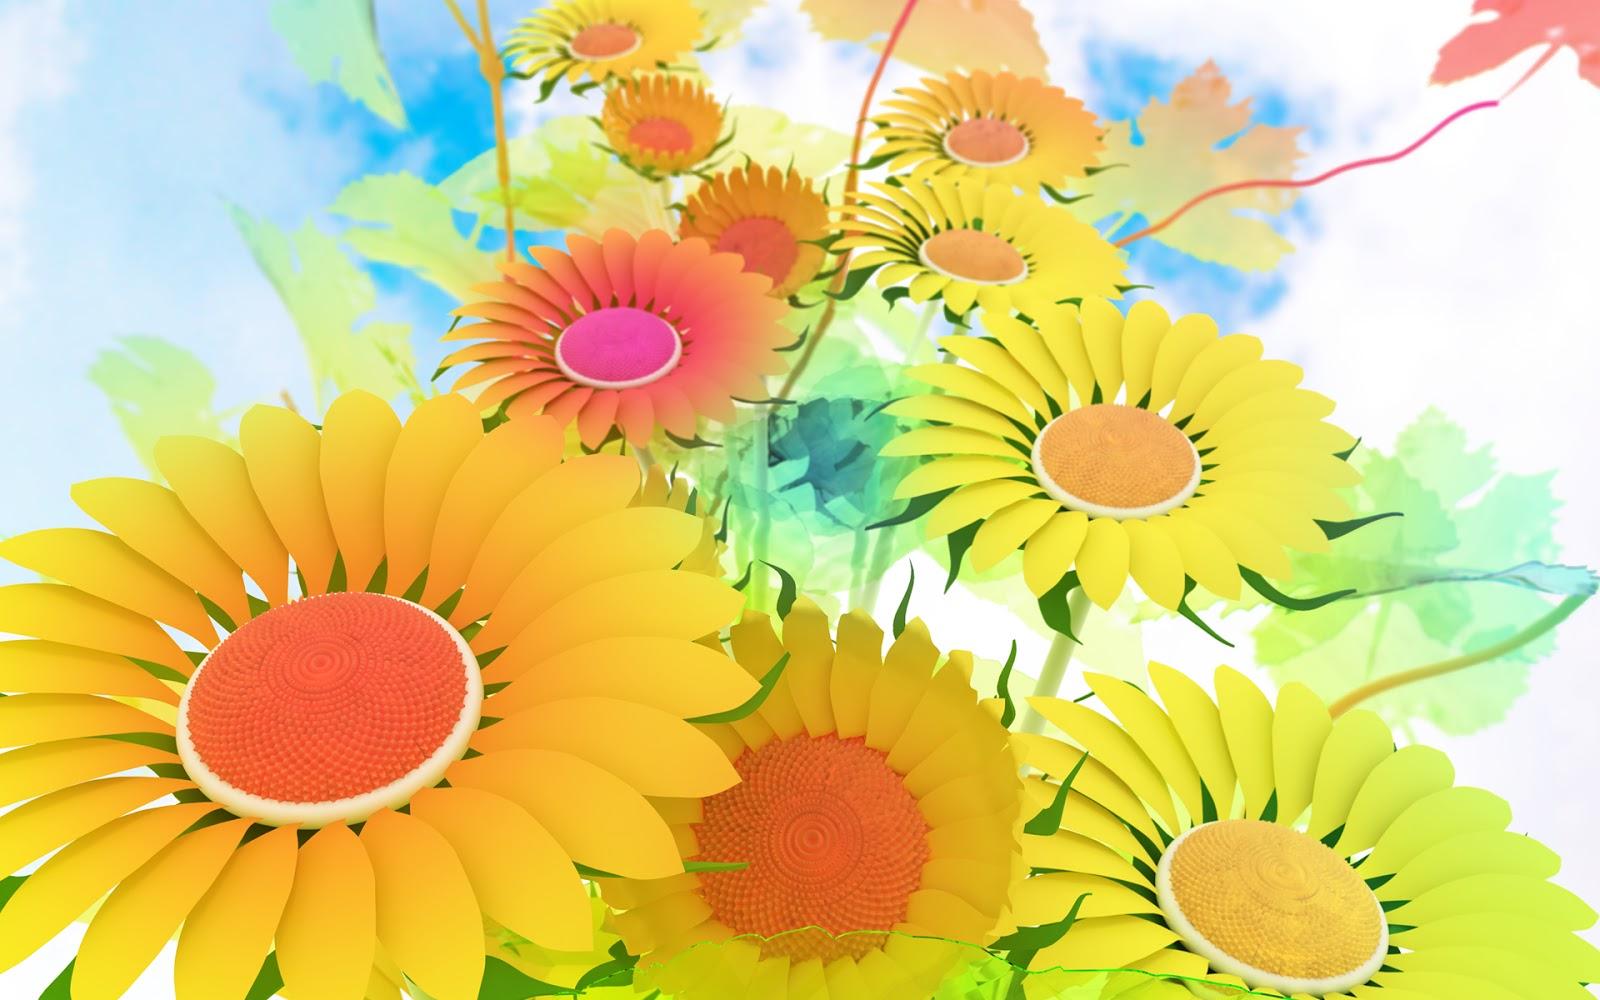 Free Download Wallpaper HD : 3d Flower High Resolution